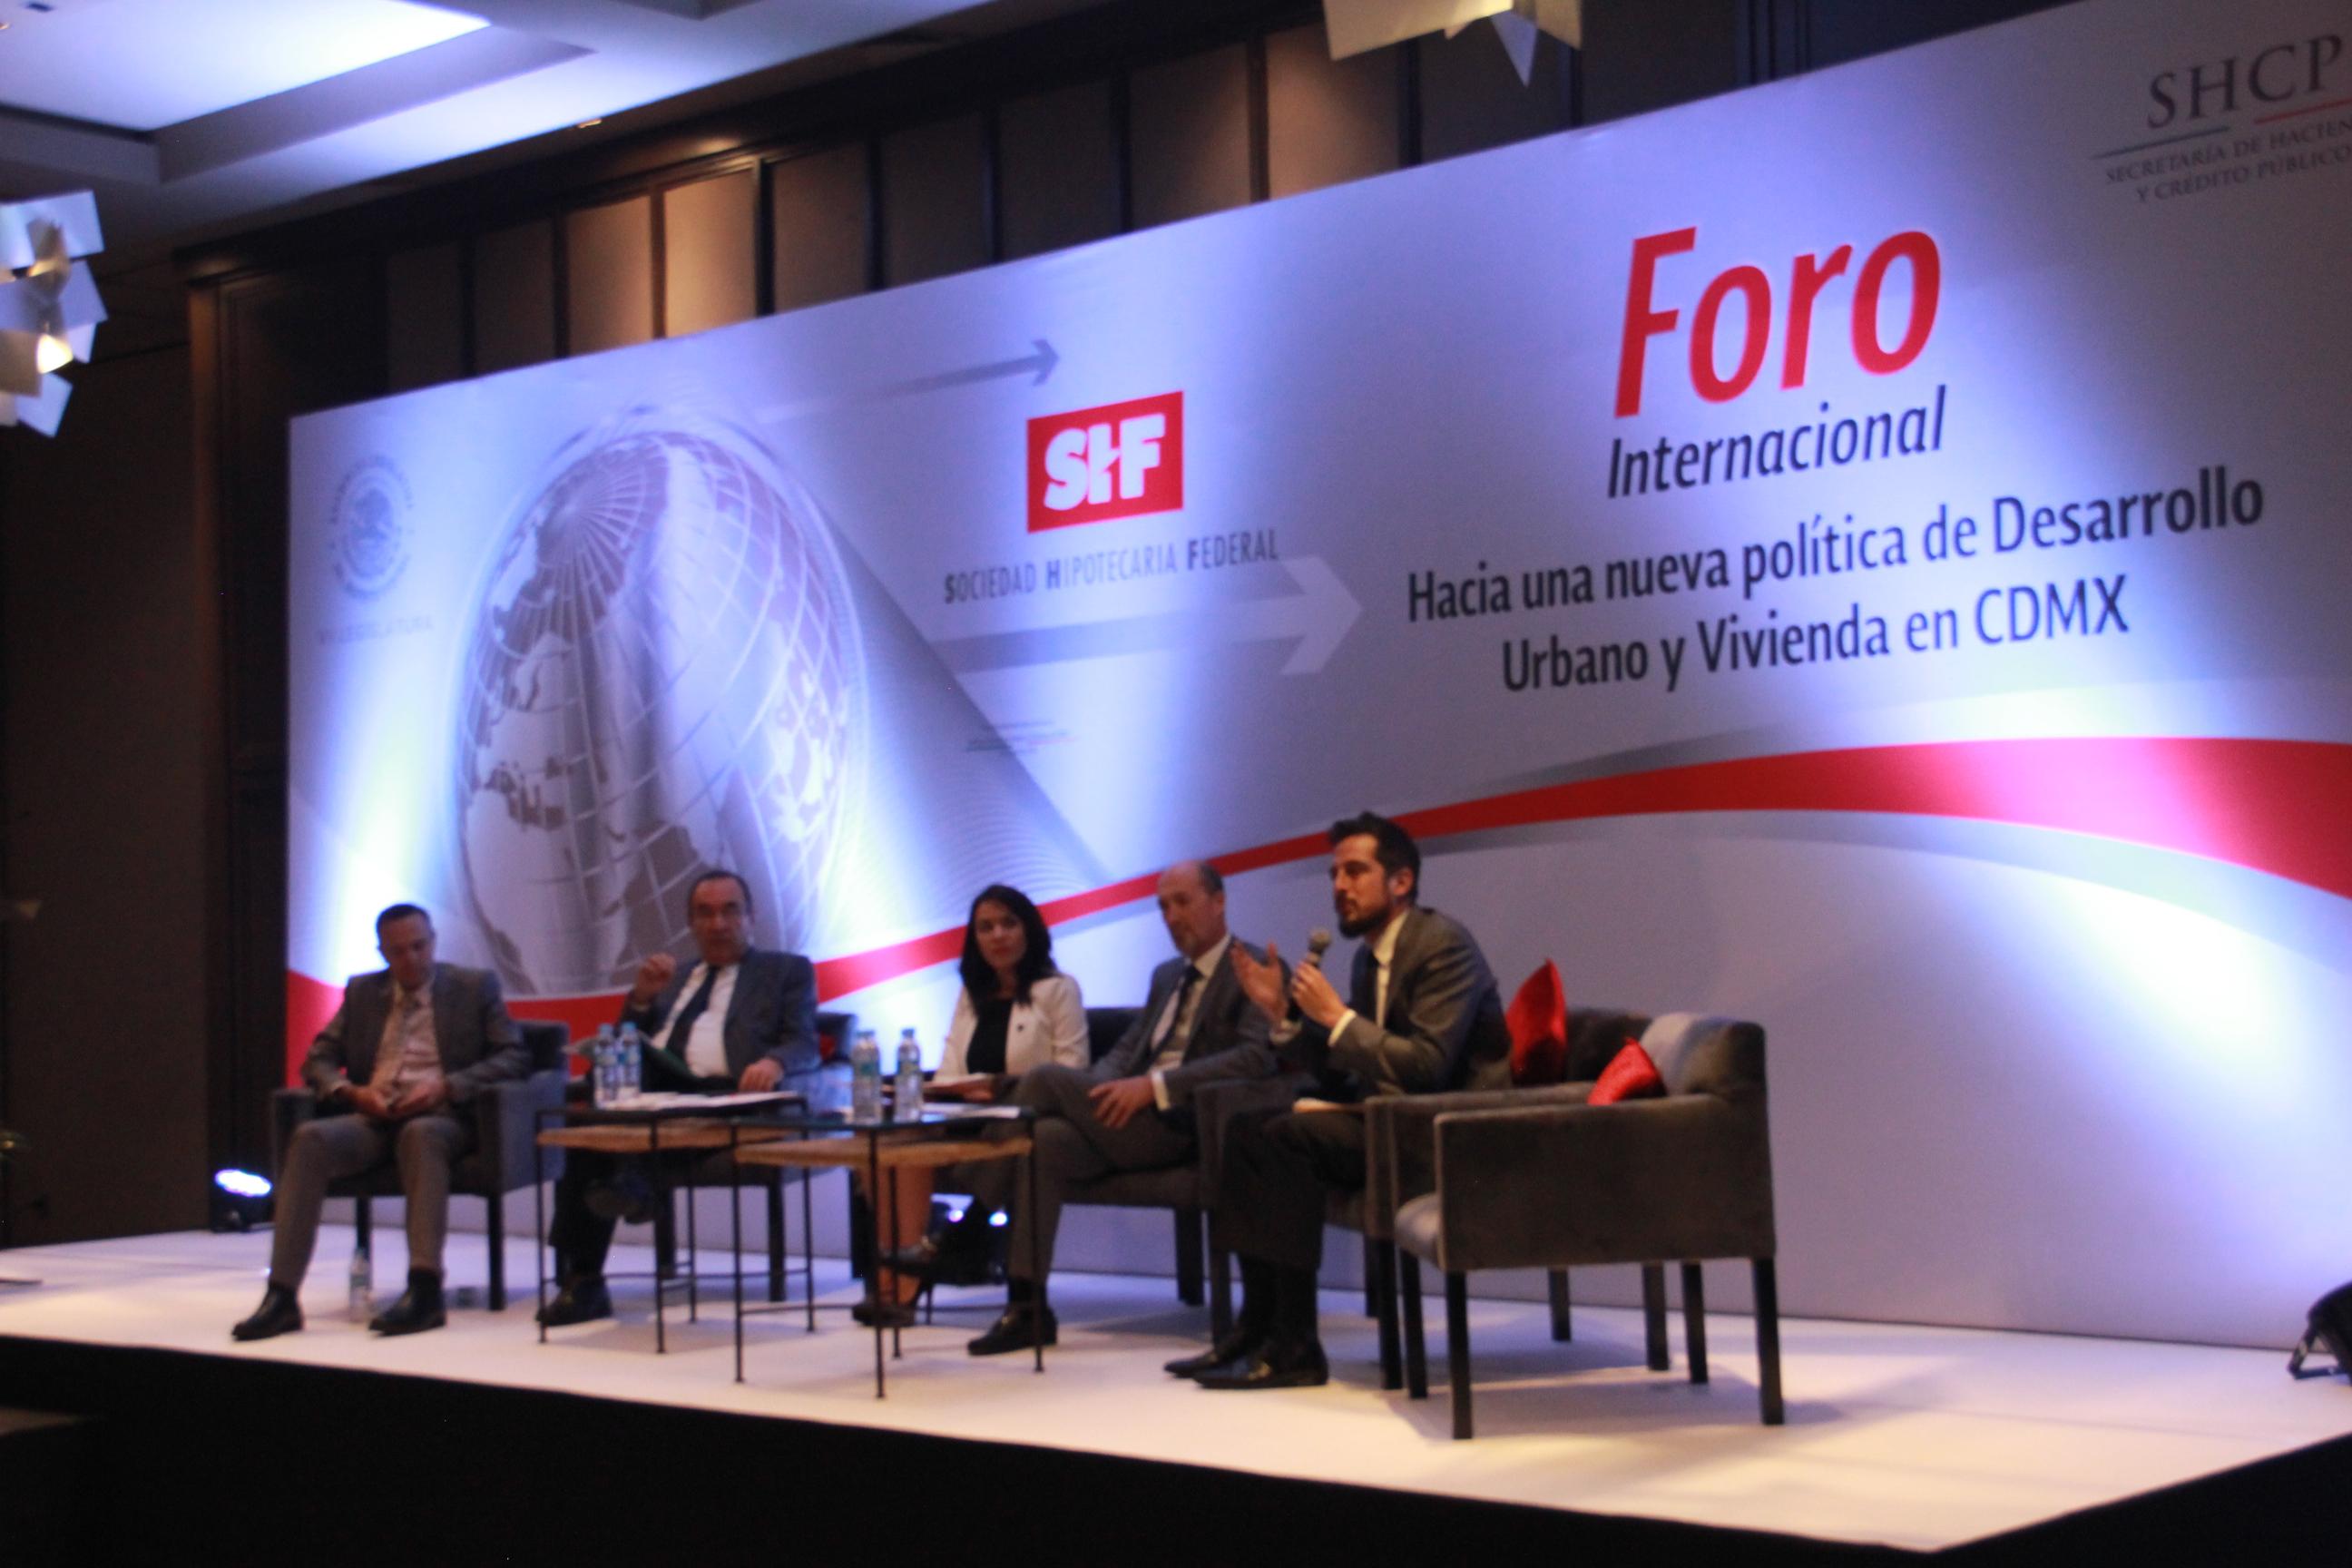 Discuten nuevas políticas de desarrollo urbano y vivienda